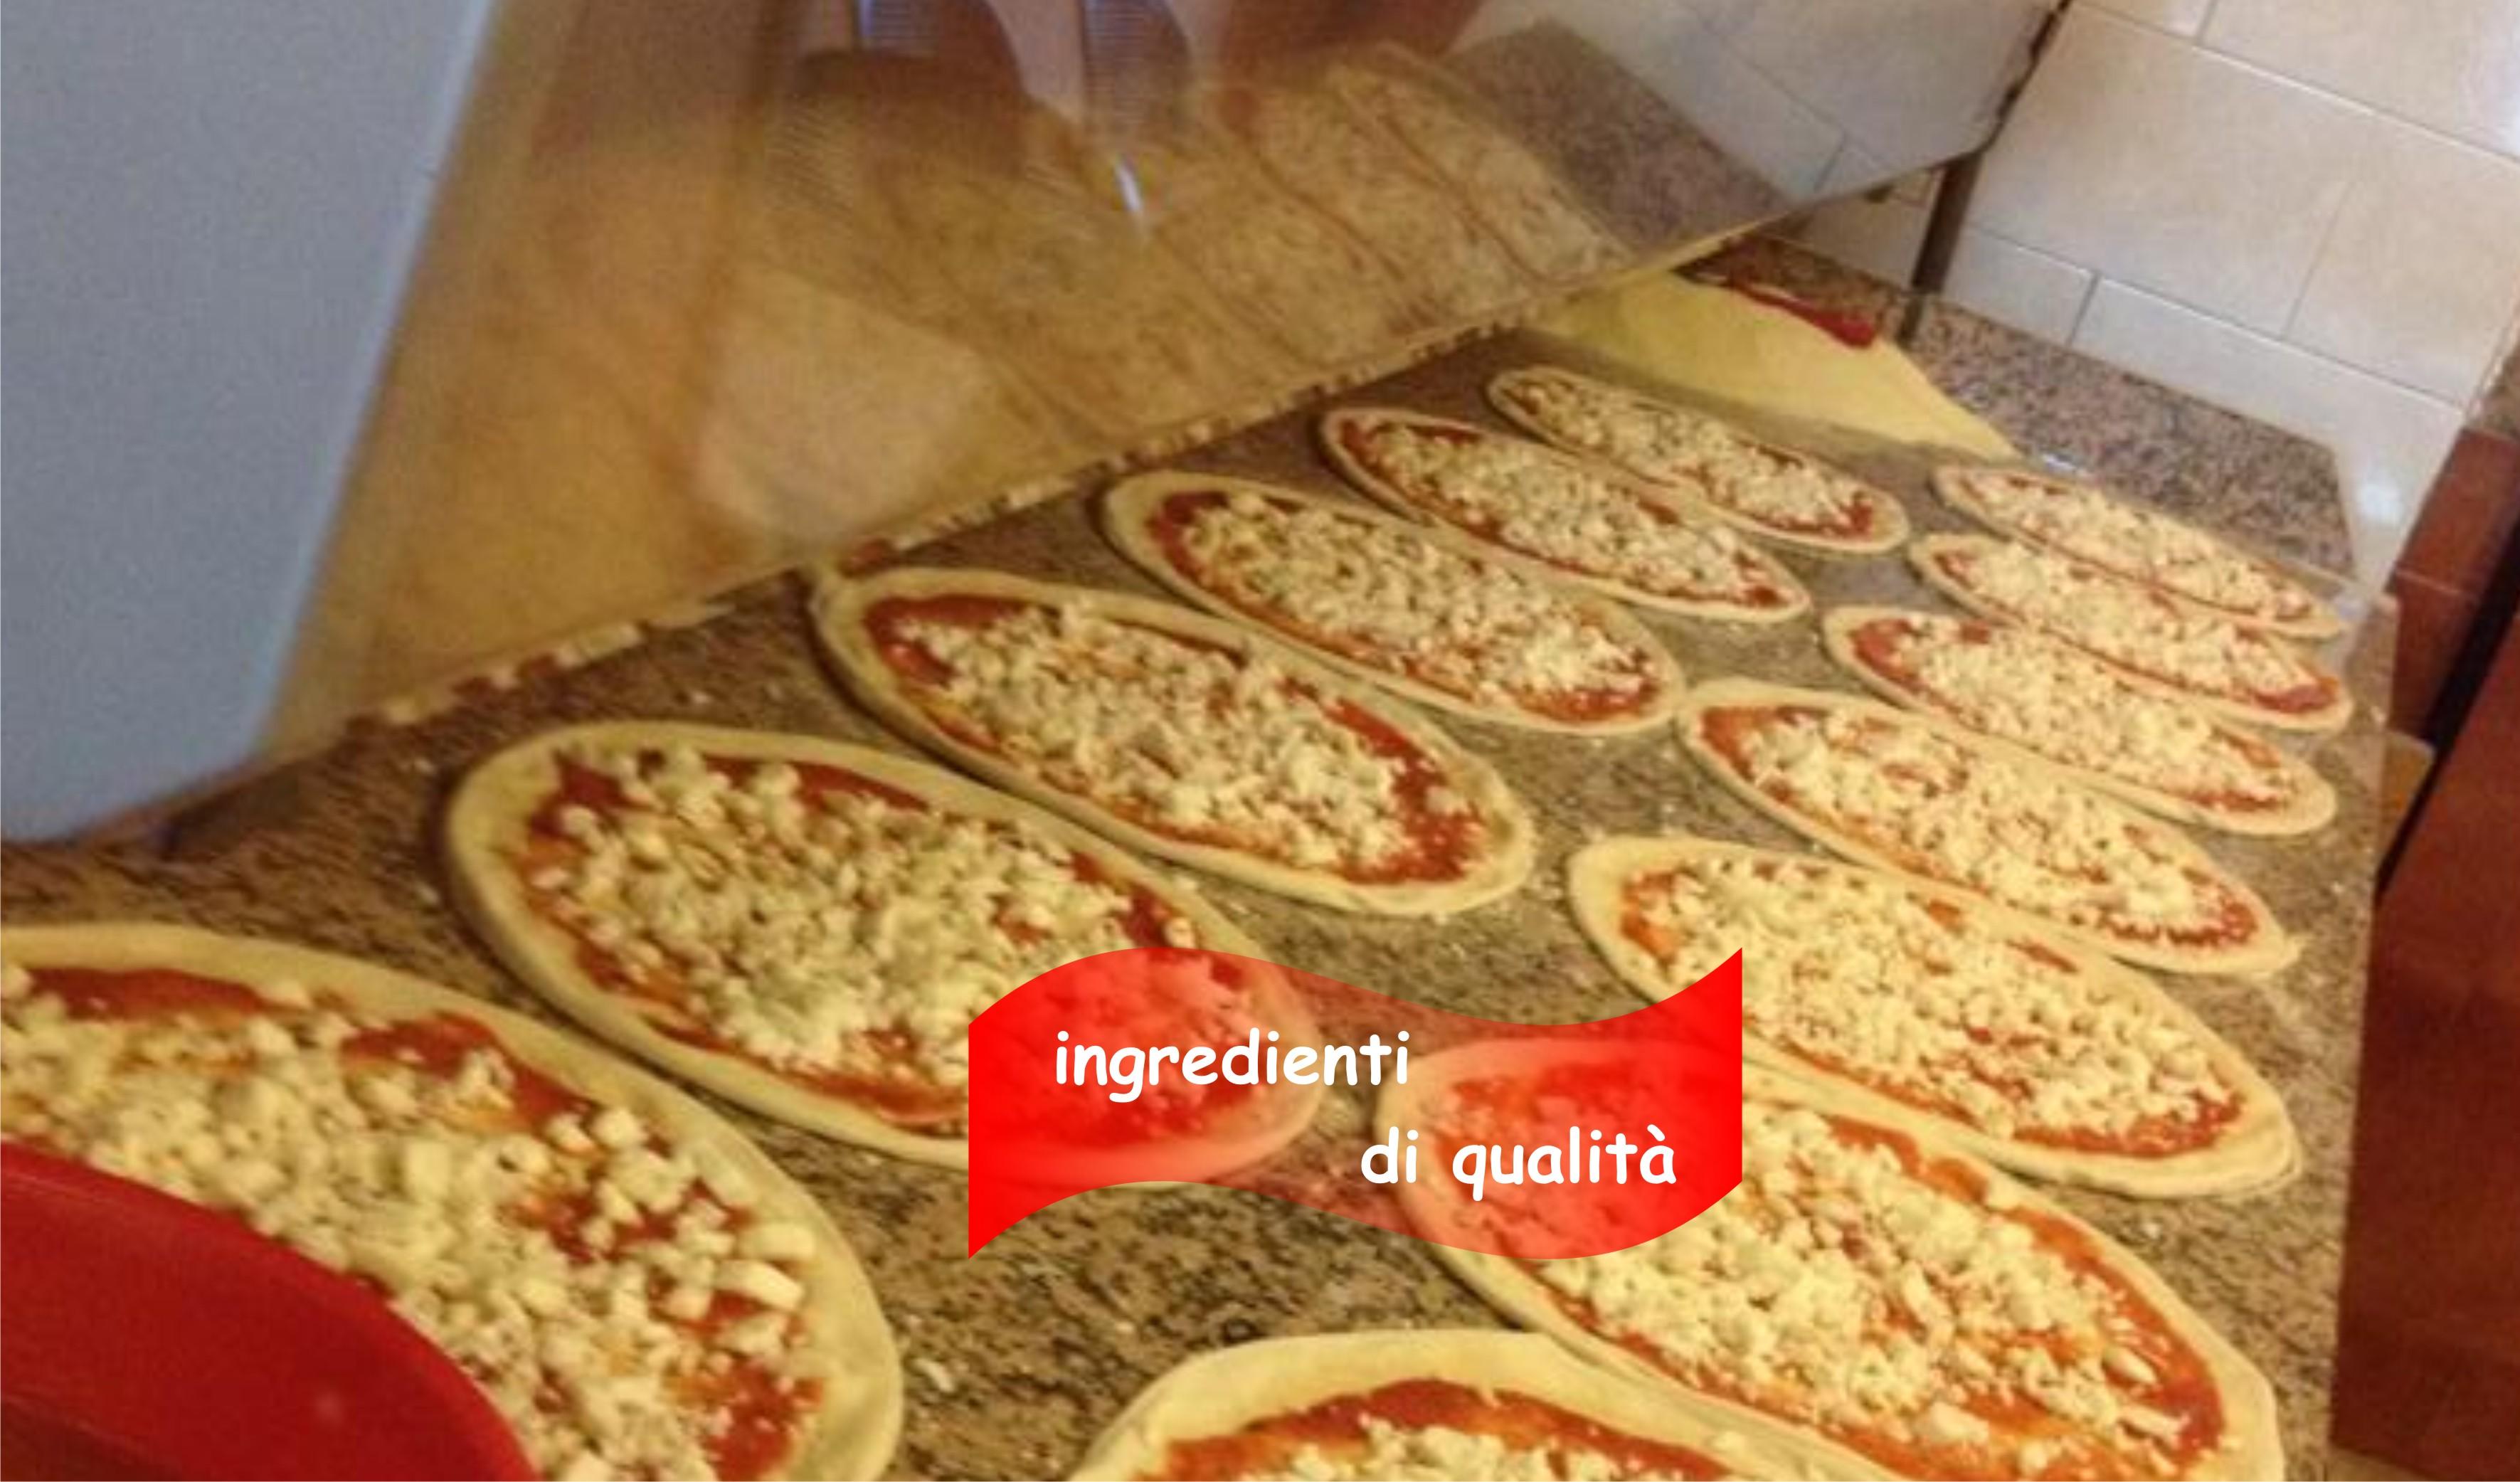 Gustosissima mmm... ordina la tua pizza... non aspettare !!!